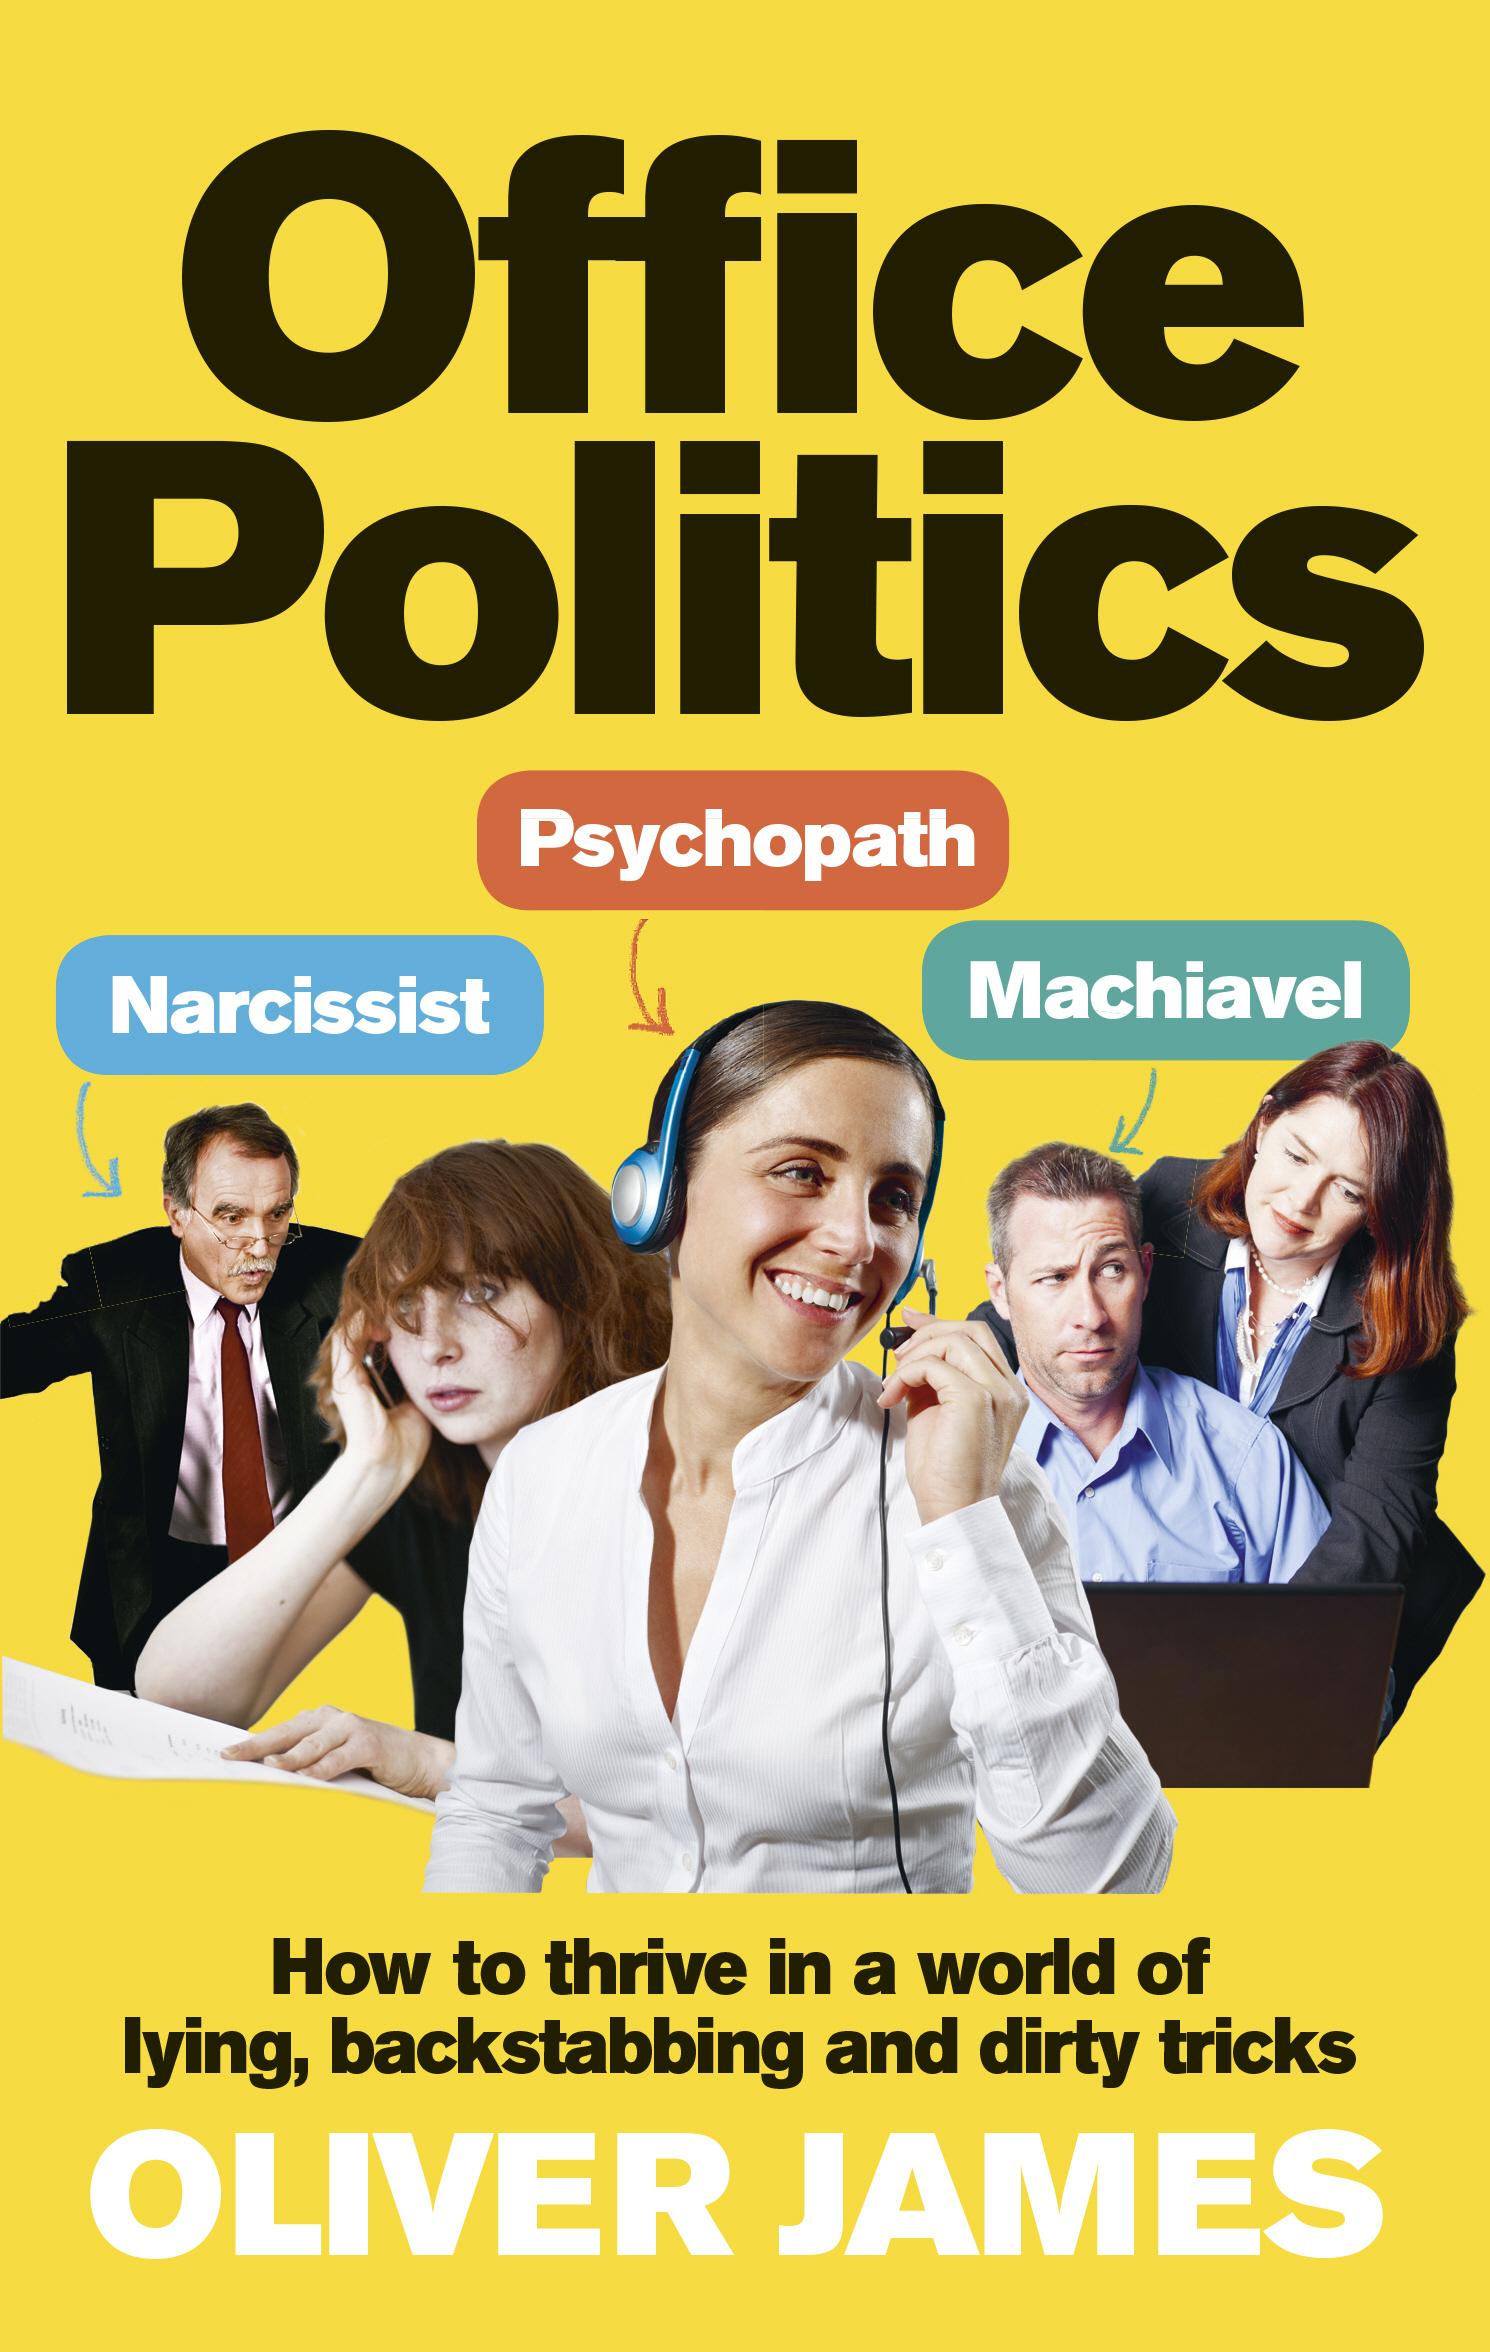 Download Ebook Office Politics by Oliver James Pdf